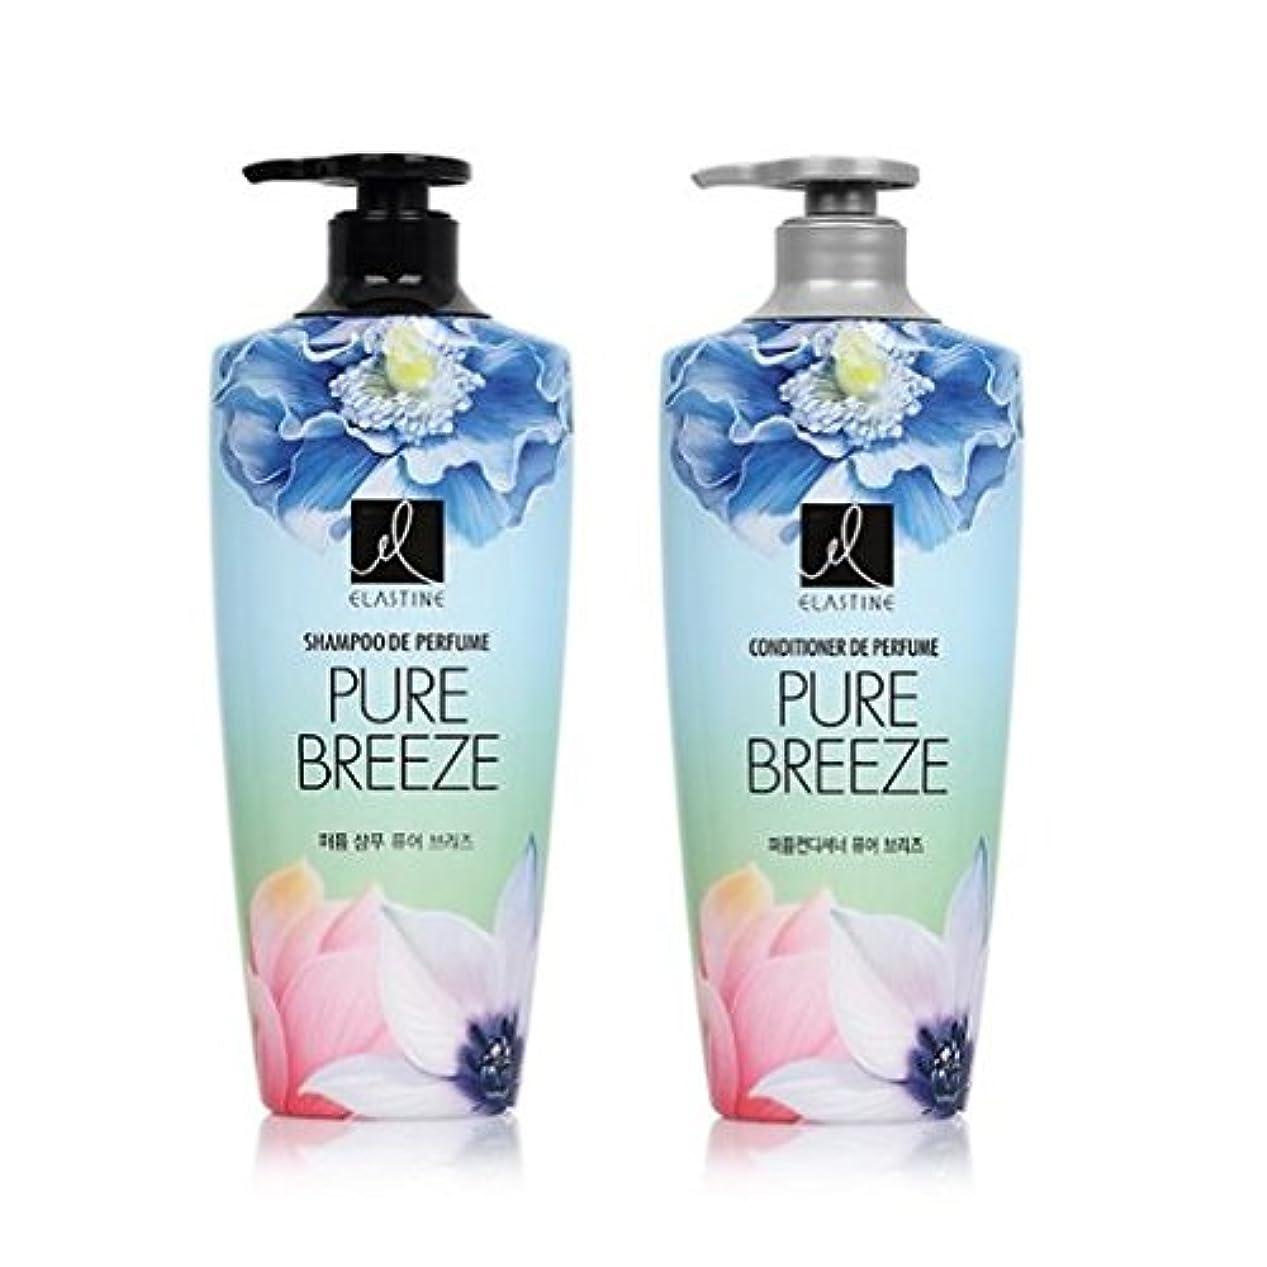 代わりにを立てる技術者コマンド[エラスティン] Elastine Perfume PURE BREEZE シャンプー600ml x 2本, コンディショナー600ml x 1本 / パフュームピュアブリーズ [並行輸入品]